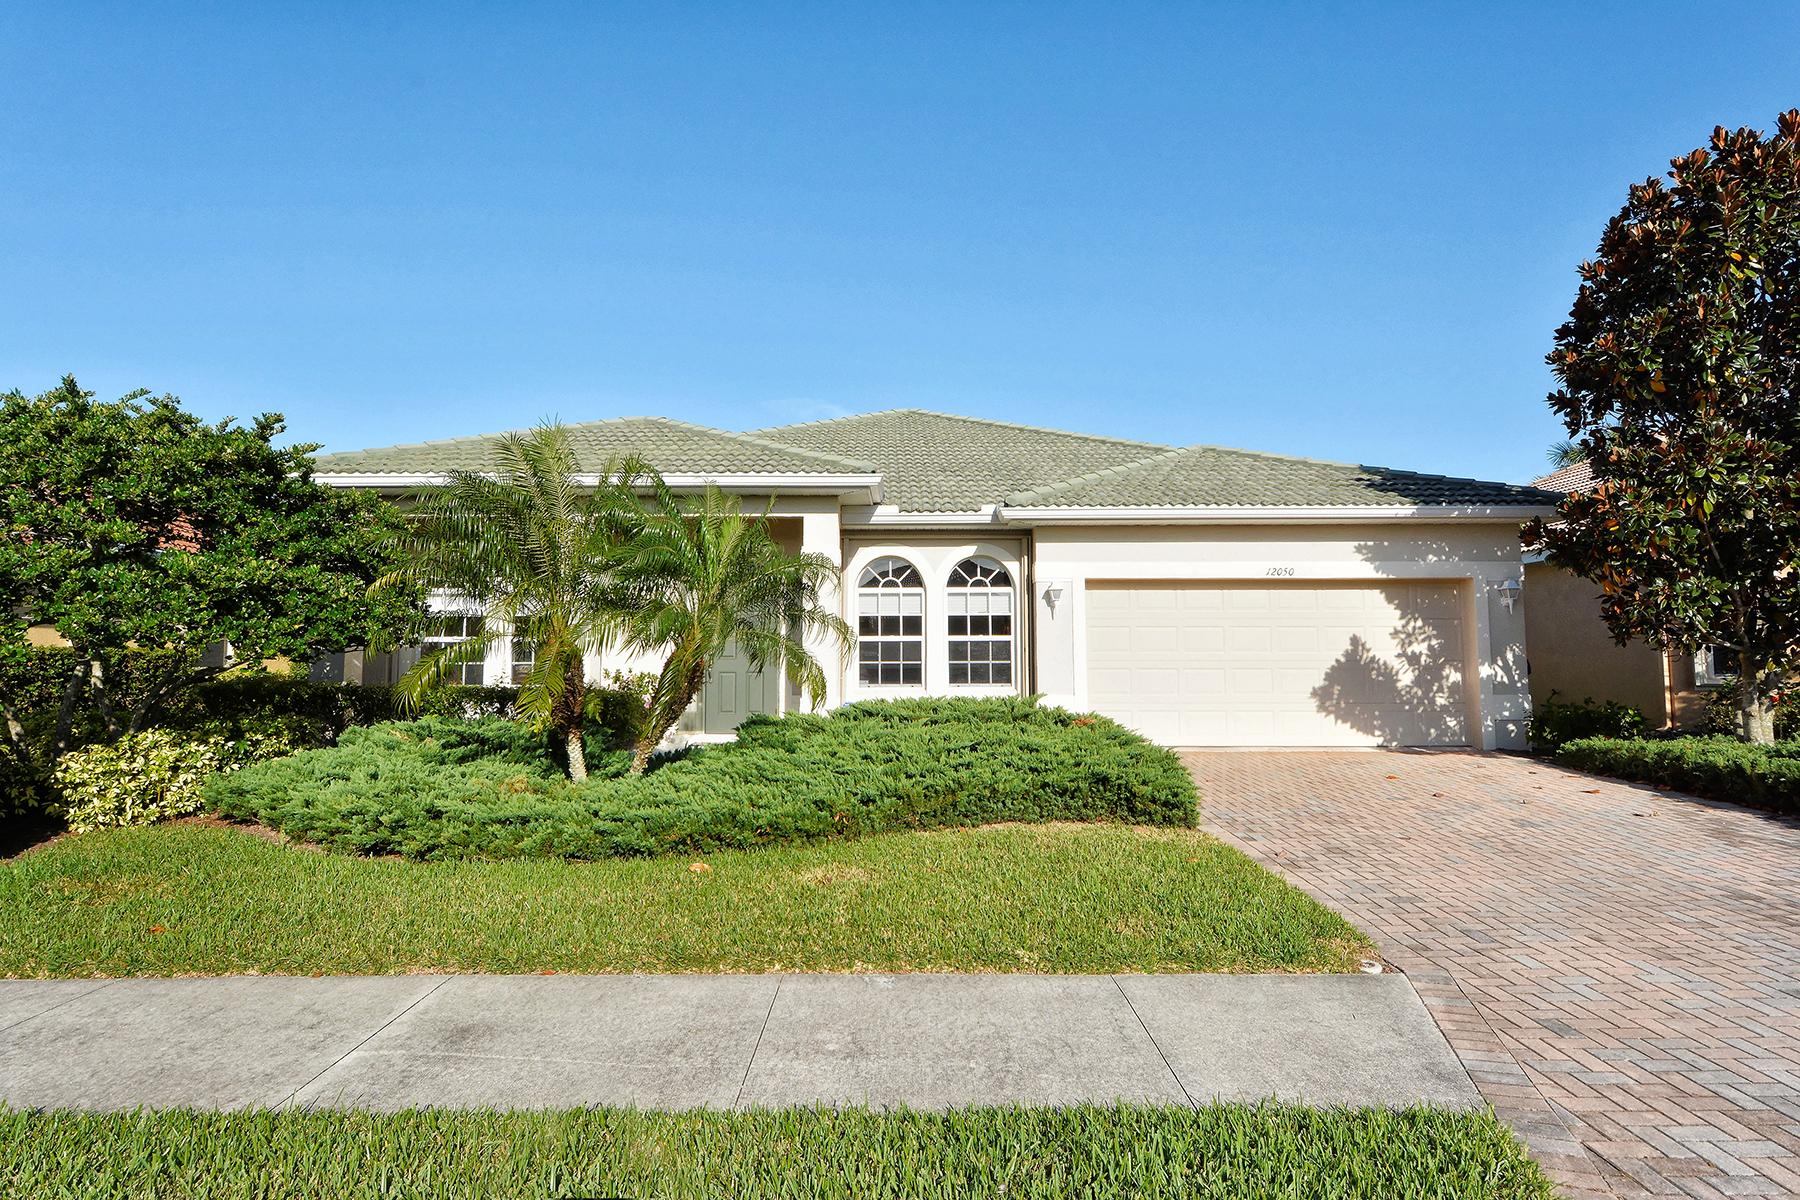 独户住宅 为 销售 在 STONEYBROOK AT VENICE 12050 Granite Woods Loop 威尼斯, 佛罗里达州, 34292 美国